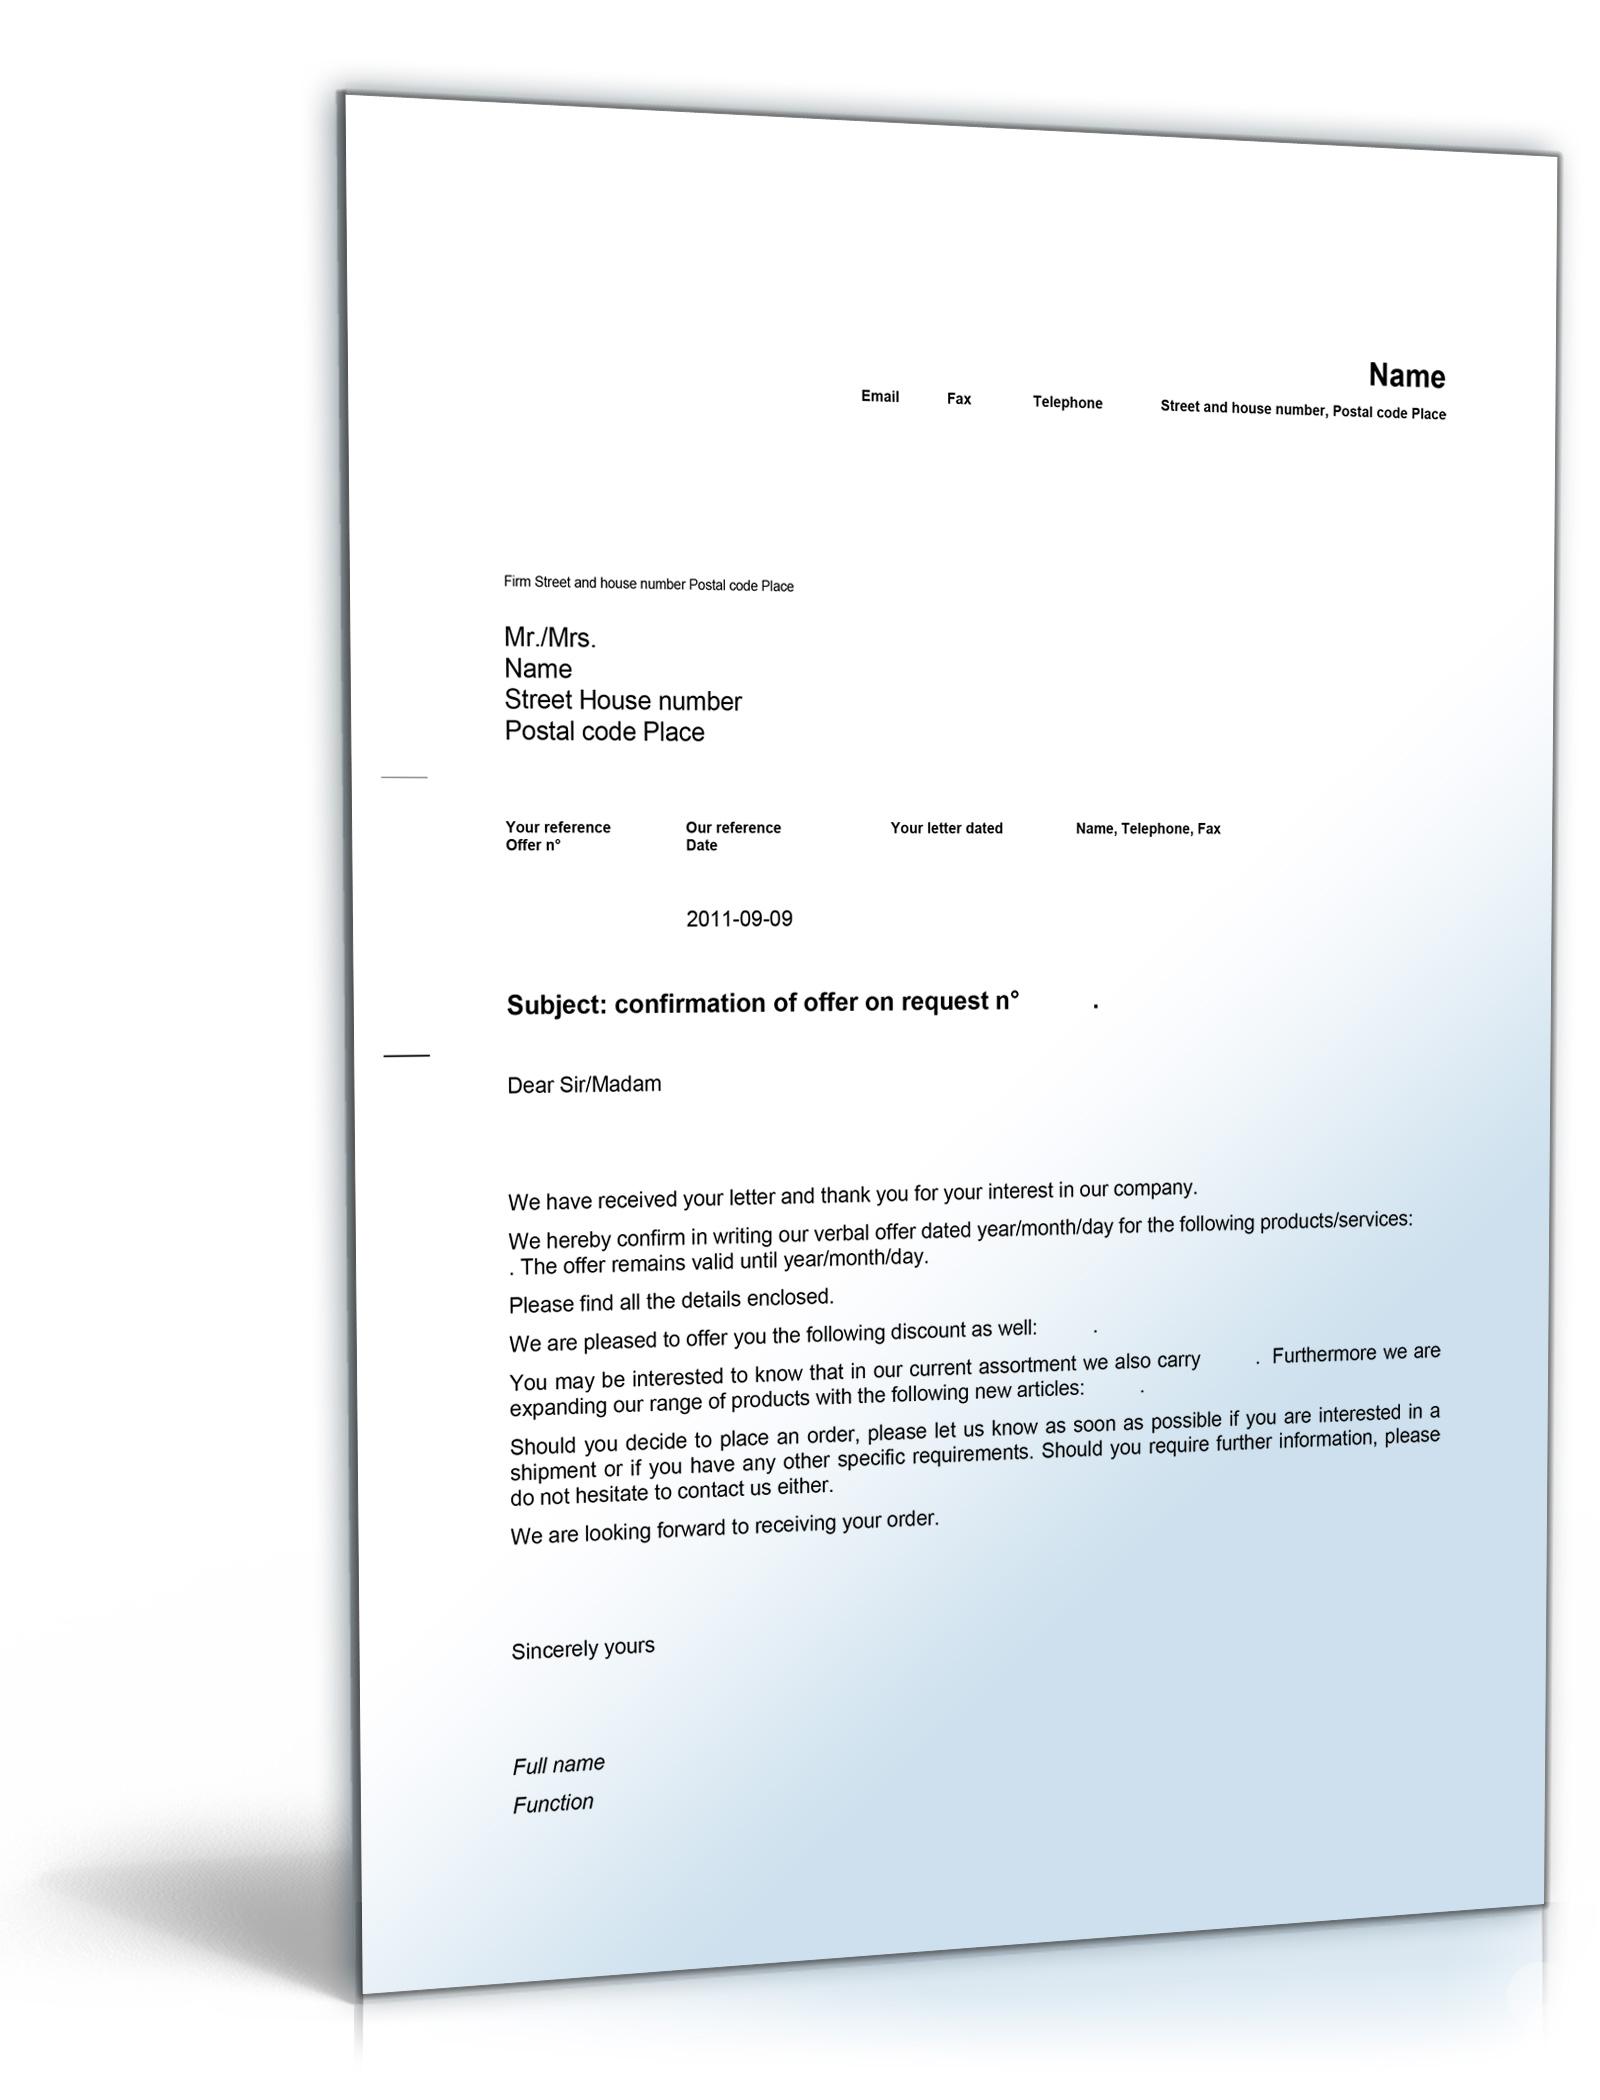 Geschäftsbrief Angebot Auf Anfrage Englisch De Musterbrief Download